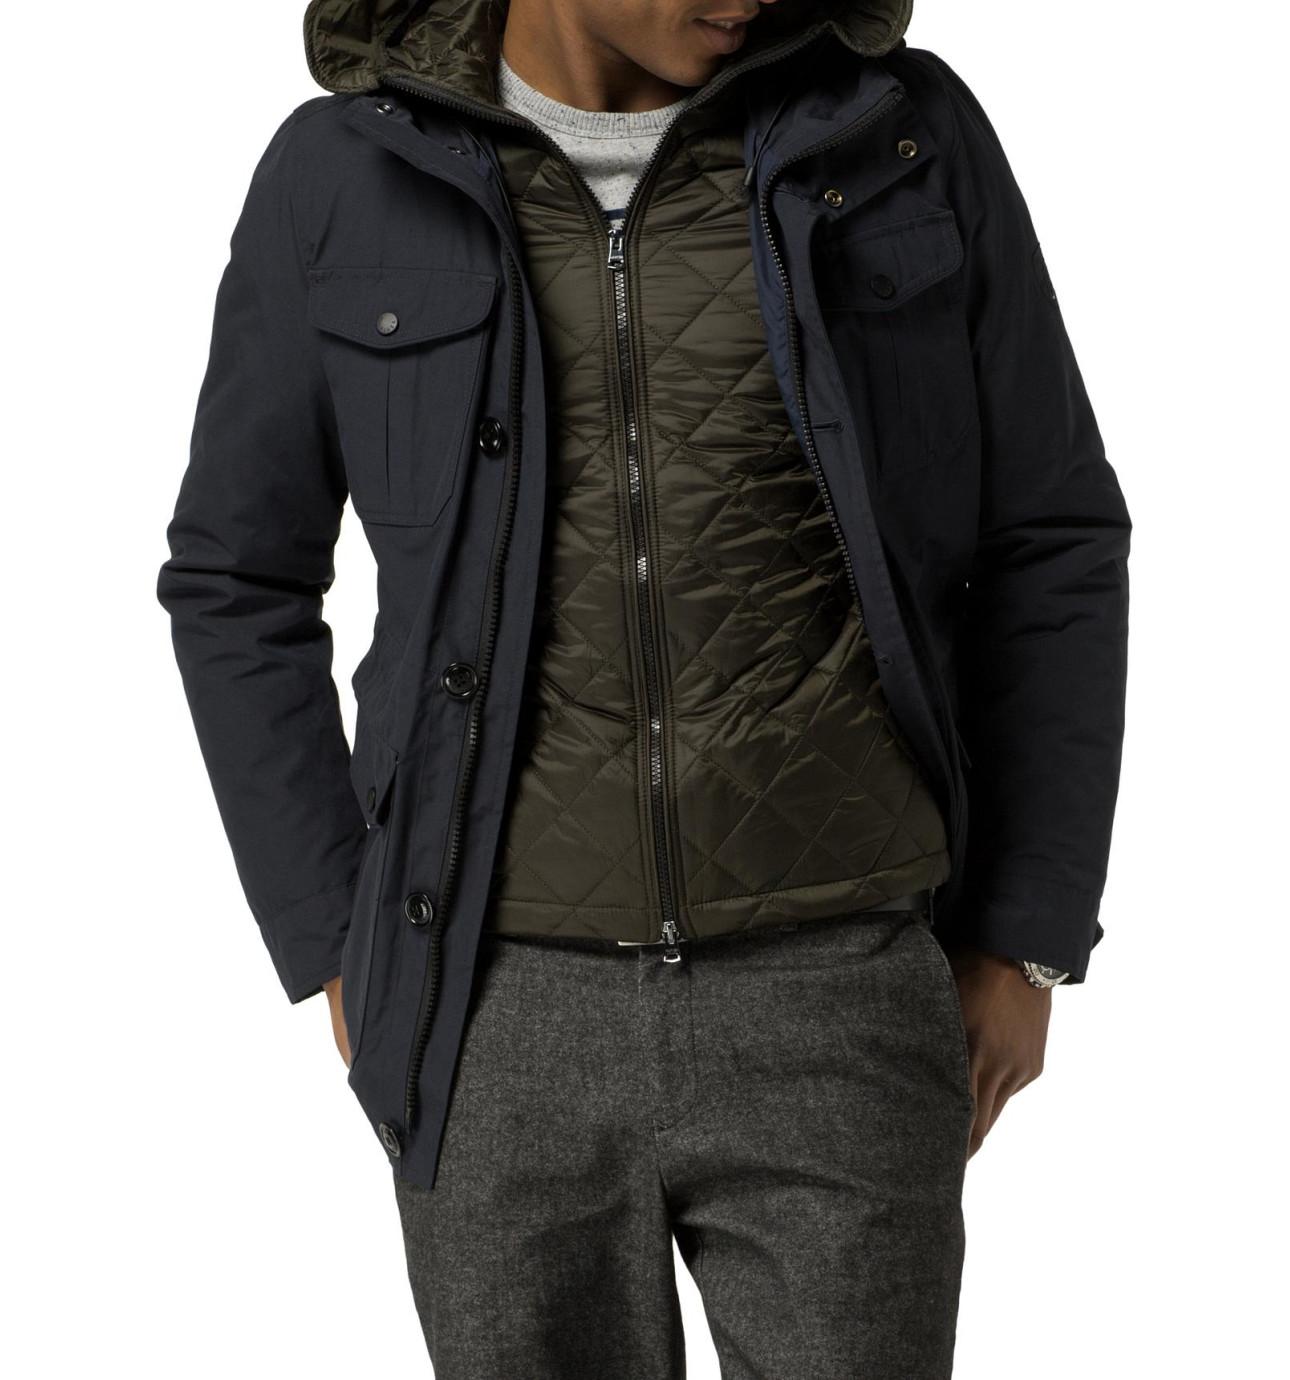 Mens jacket david jones - Tor 2 In 1 Jacket 489 30